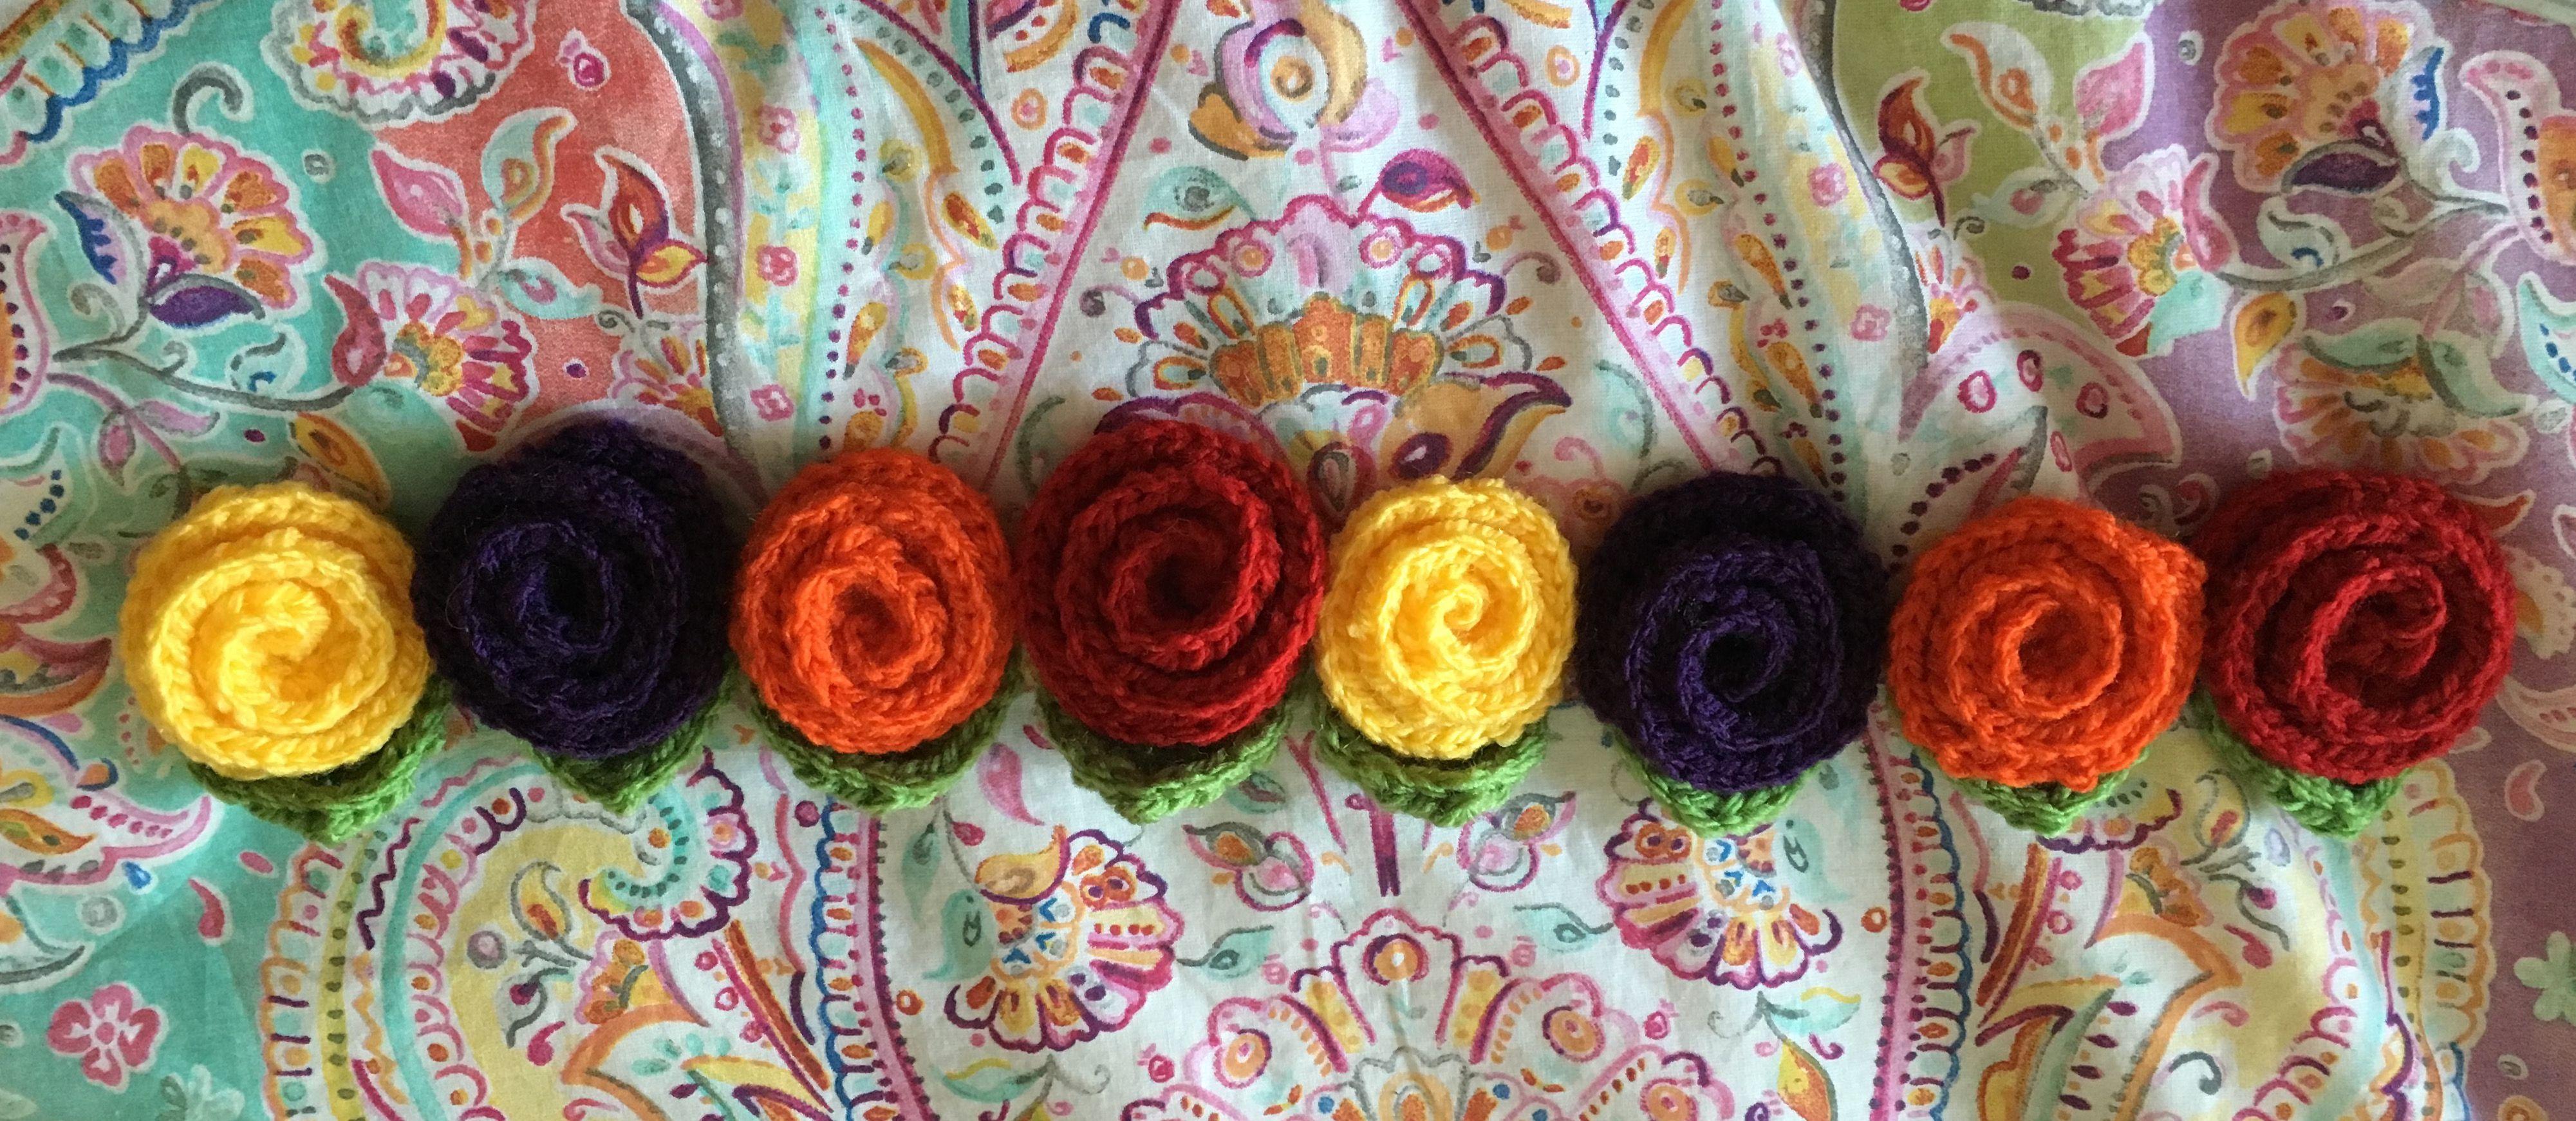 Imanes Flor!! Qué de colores!!! by NanE's